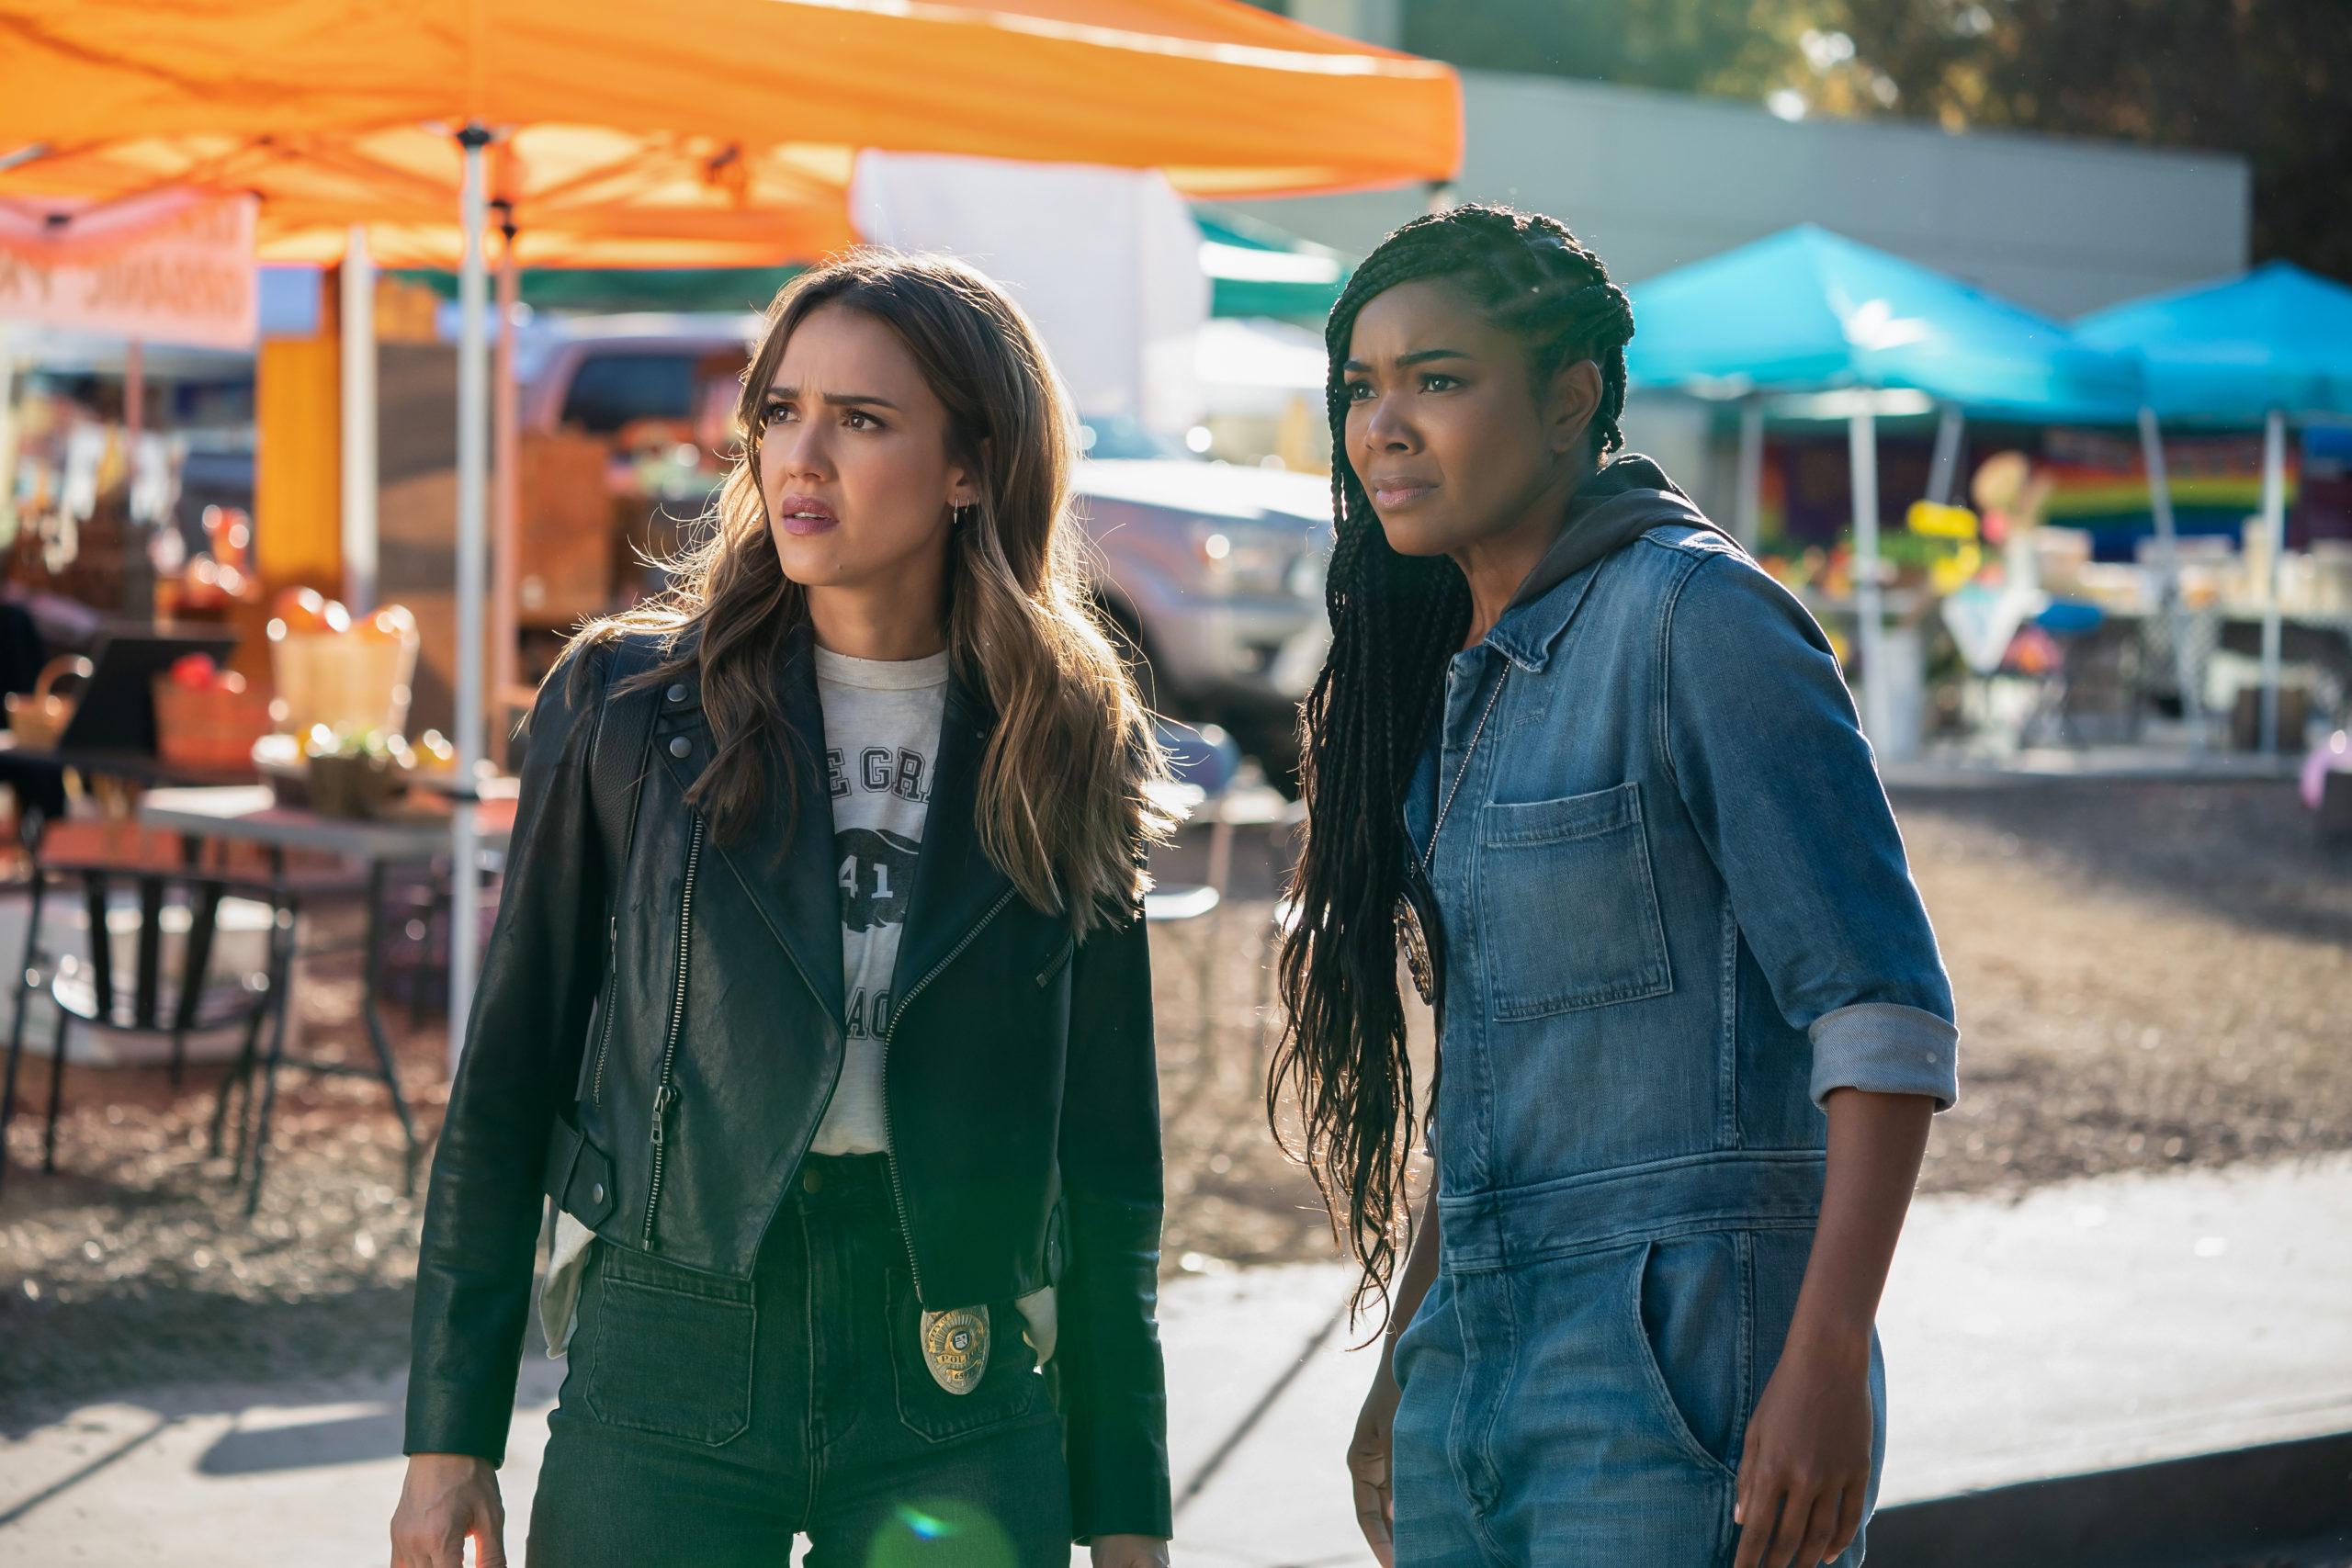 Le meilleur de LA: la saison trois?  La série Spectrum Originals a-t-elle déjà été annulée ou renouvelée?